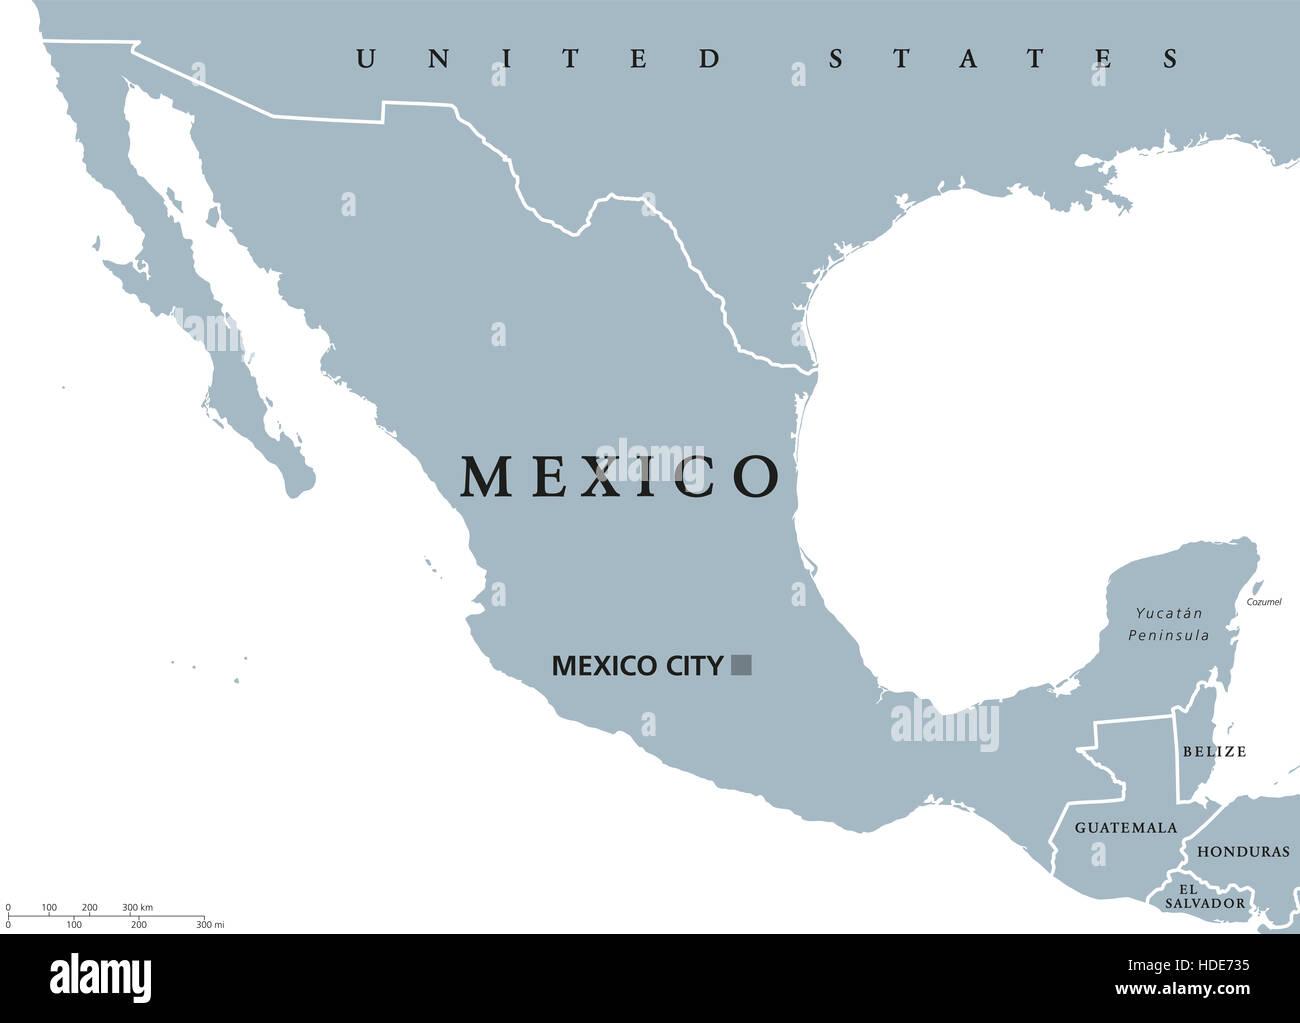 Mexiko Staaten Karte.Politische Karte Mit Hauptstadt Mexiko Stadt In Mexiko Und